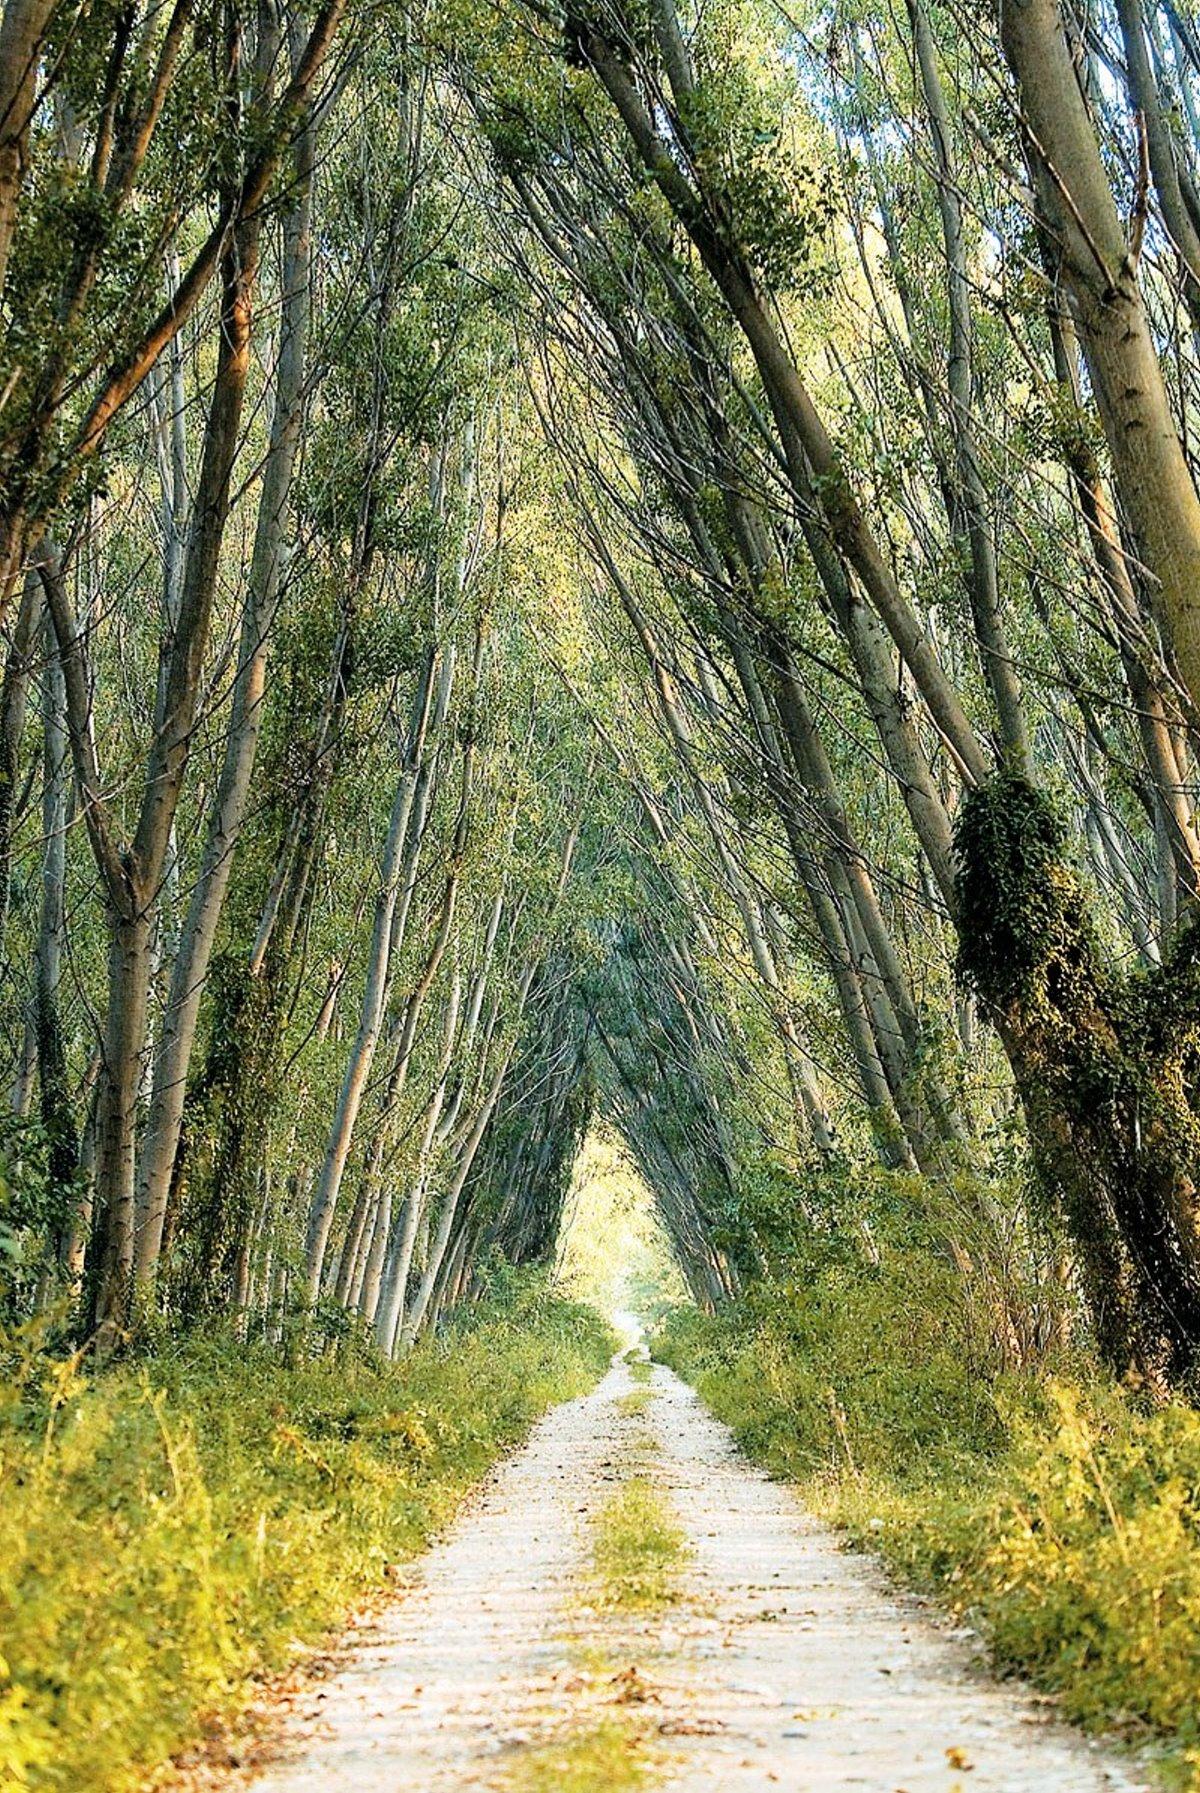 Δάσος Κοτζά Ορμάν Ξάνθη πλούσια πανίδα και χλωρίδα